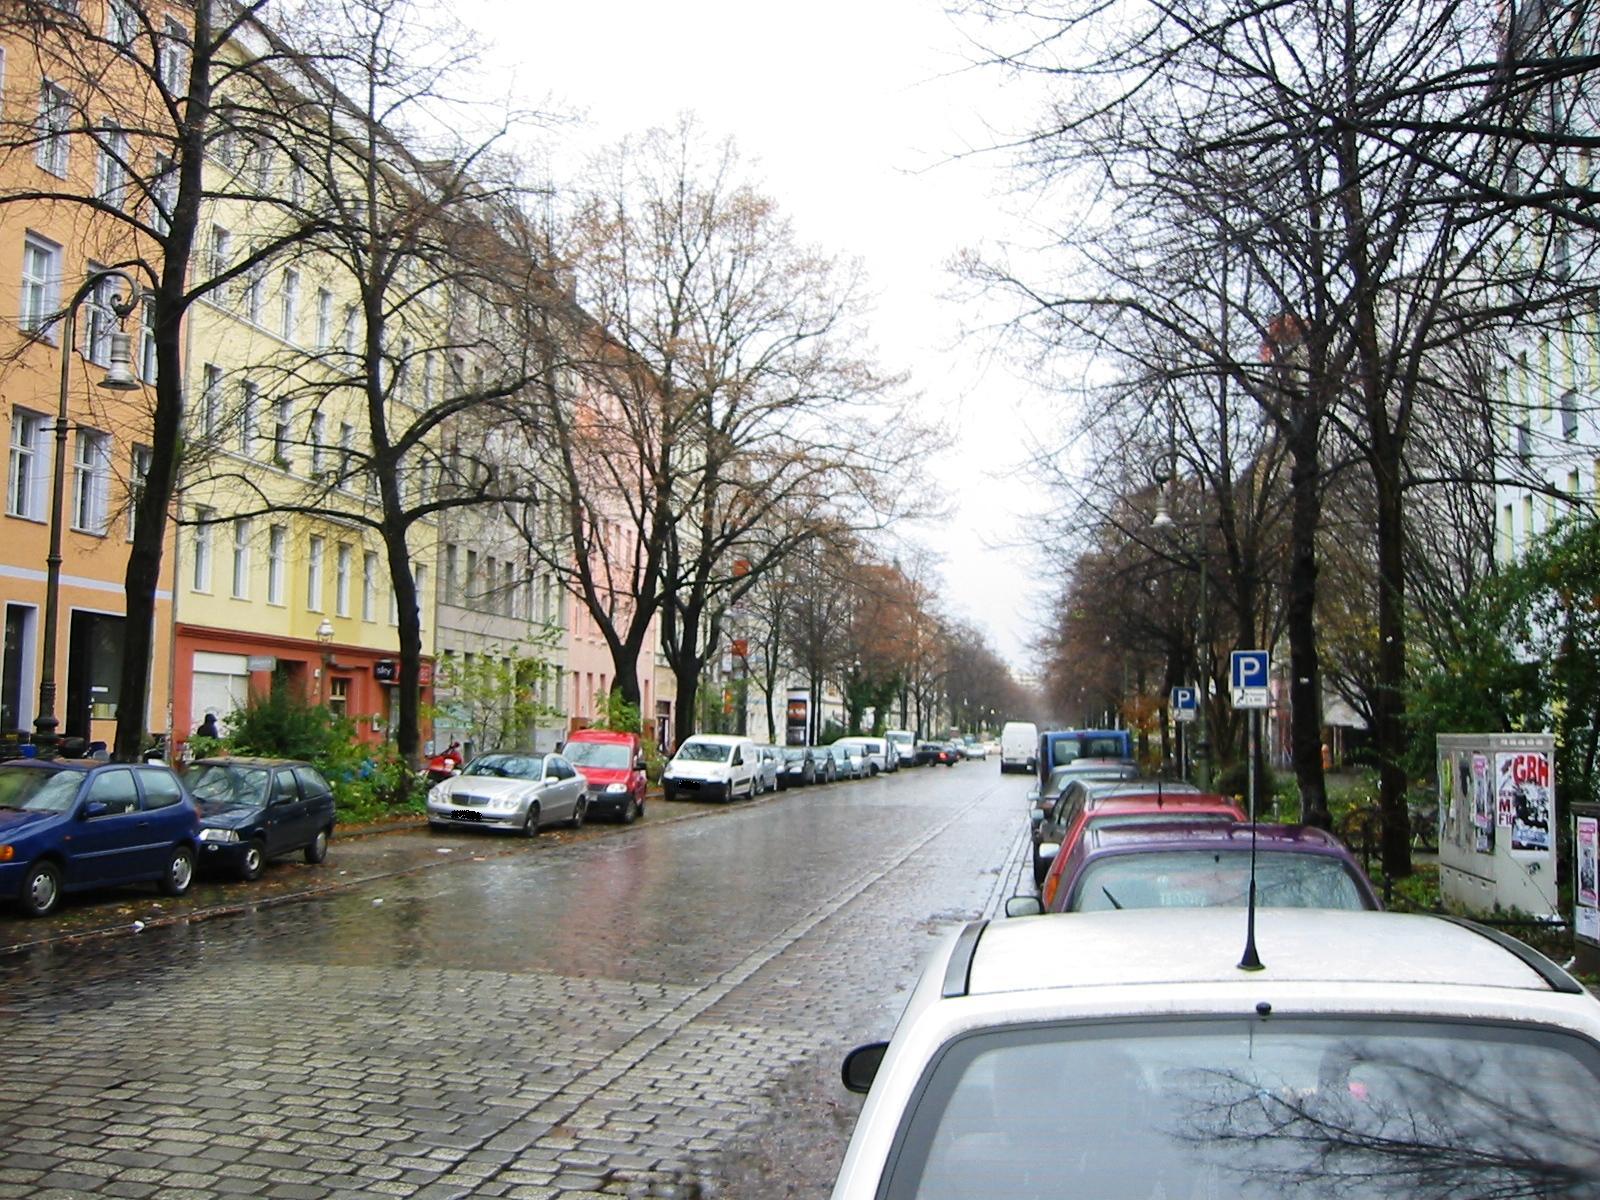 Reichenberger Straße 124 : datei berlin kreuzberg reichenberger stra wikipedia ~ Buech-reservation.com Haus und Dekorationen